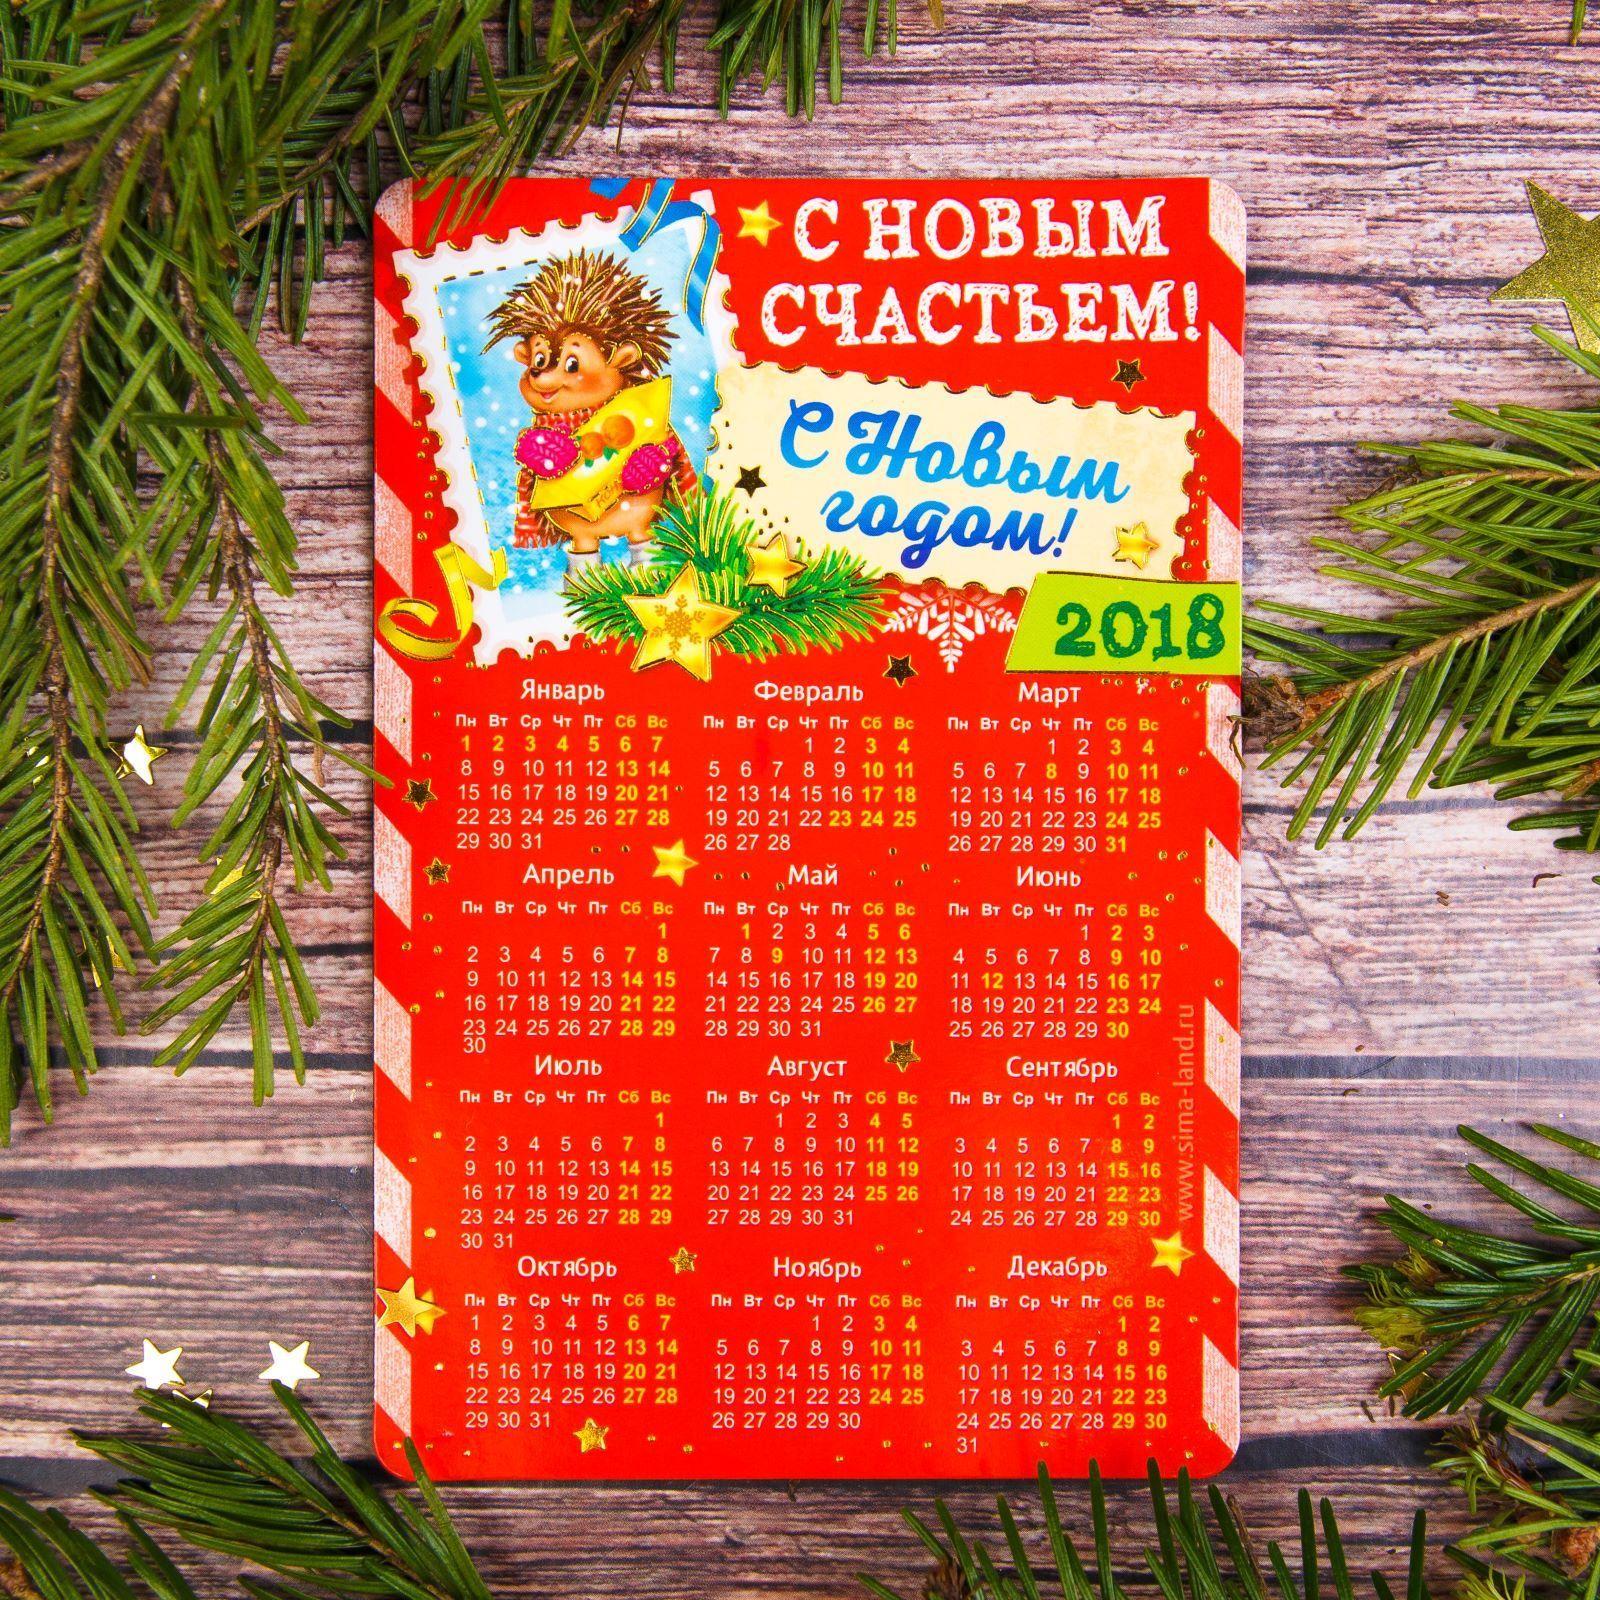 Магнит Sima-land С Новым счастьем, с календарем, 8 х 12 см1894079Порадуйте родных и близких оригинальным сувениром: преподнесите в подарок магнит. С ним даже самый серьёзный человек почувствует себя ребёнком, ожидающим чудо! Создайте праздничное настроение, и оно останется с вами на весь год.